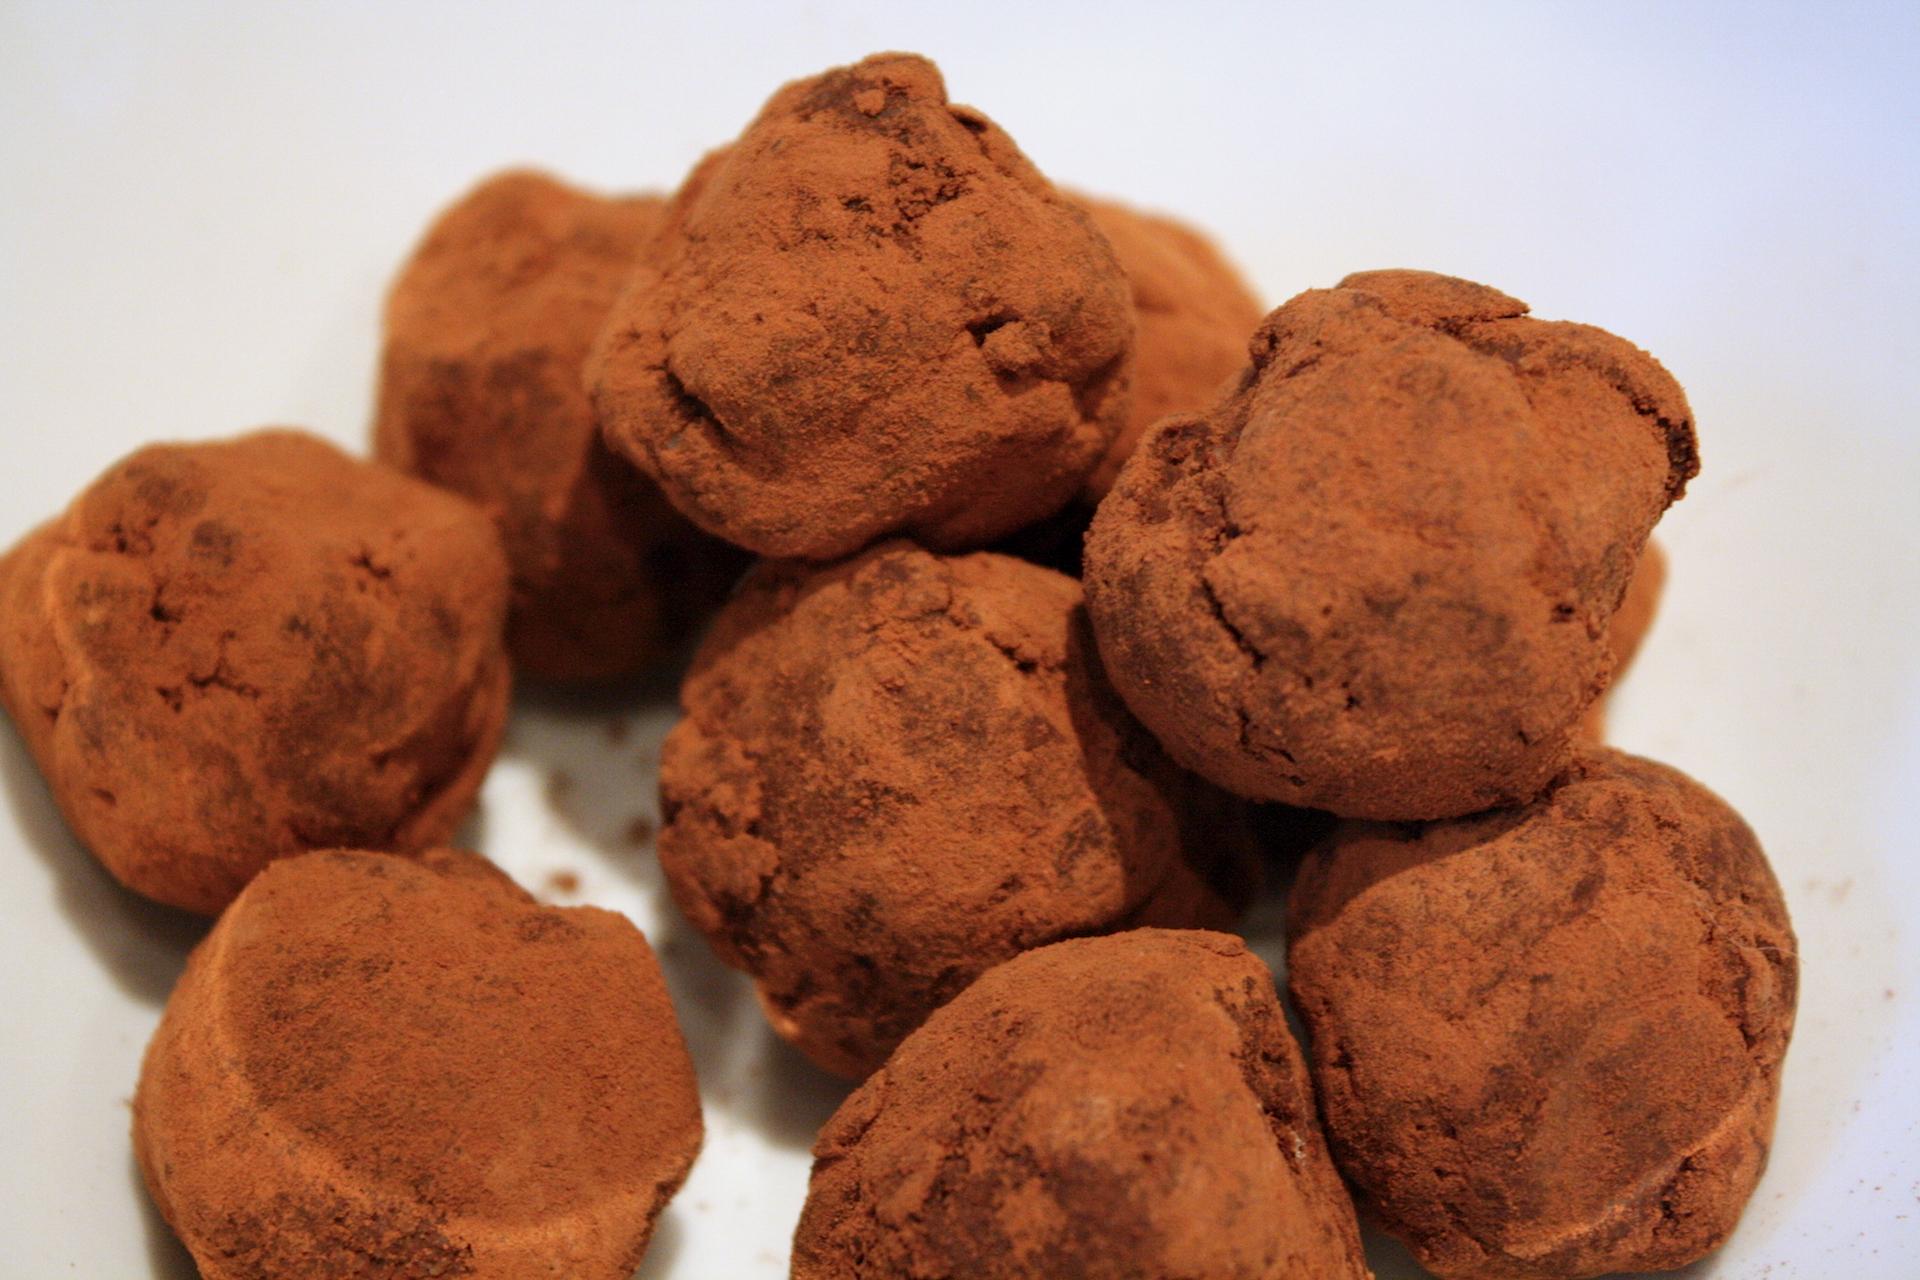 how to buy truffles mushrooms